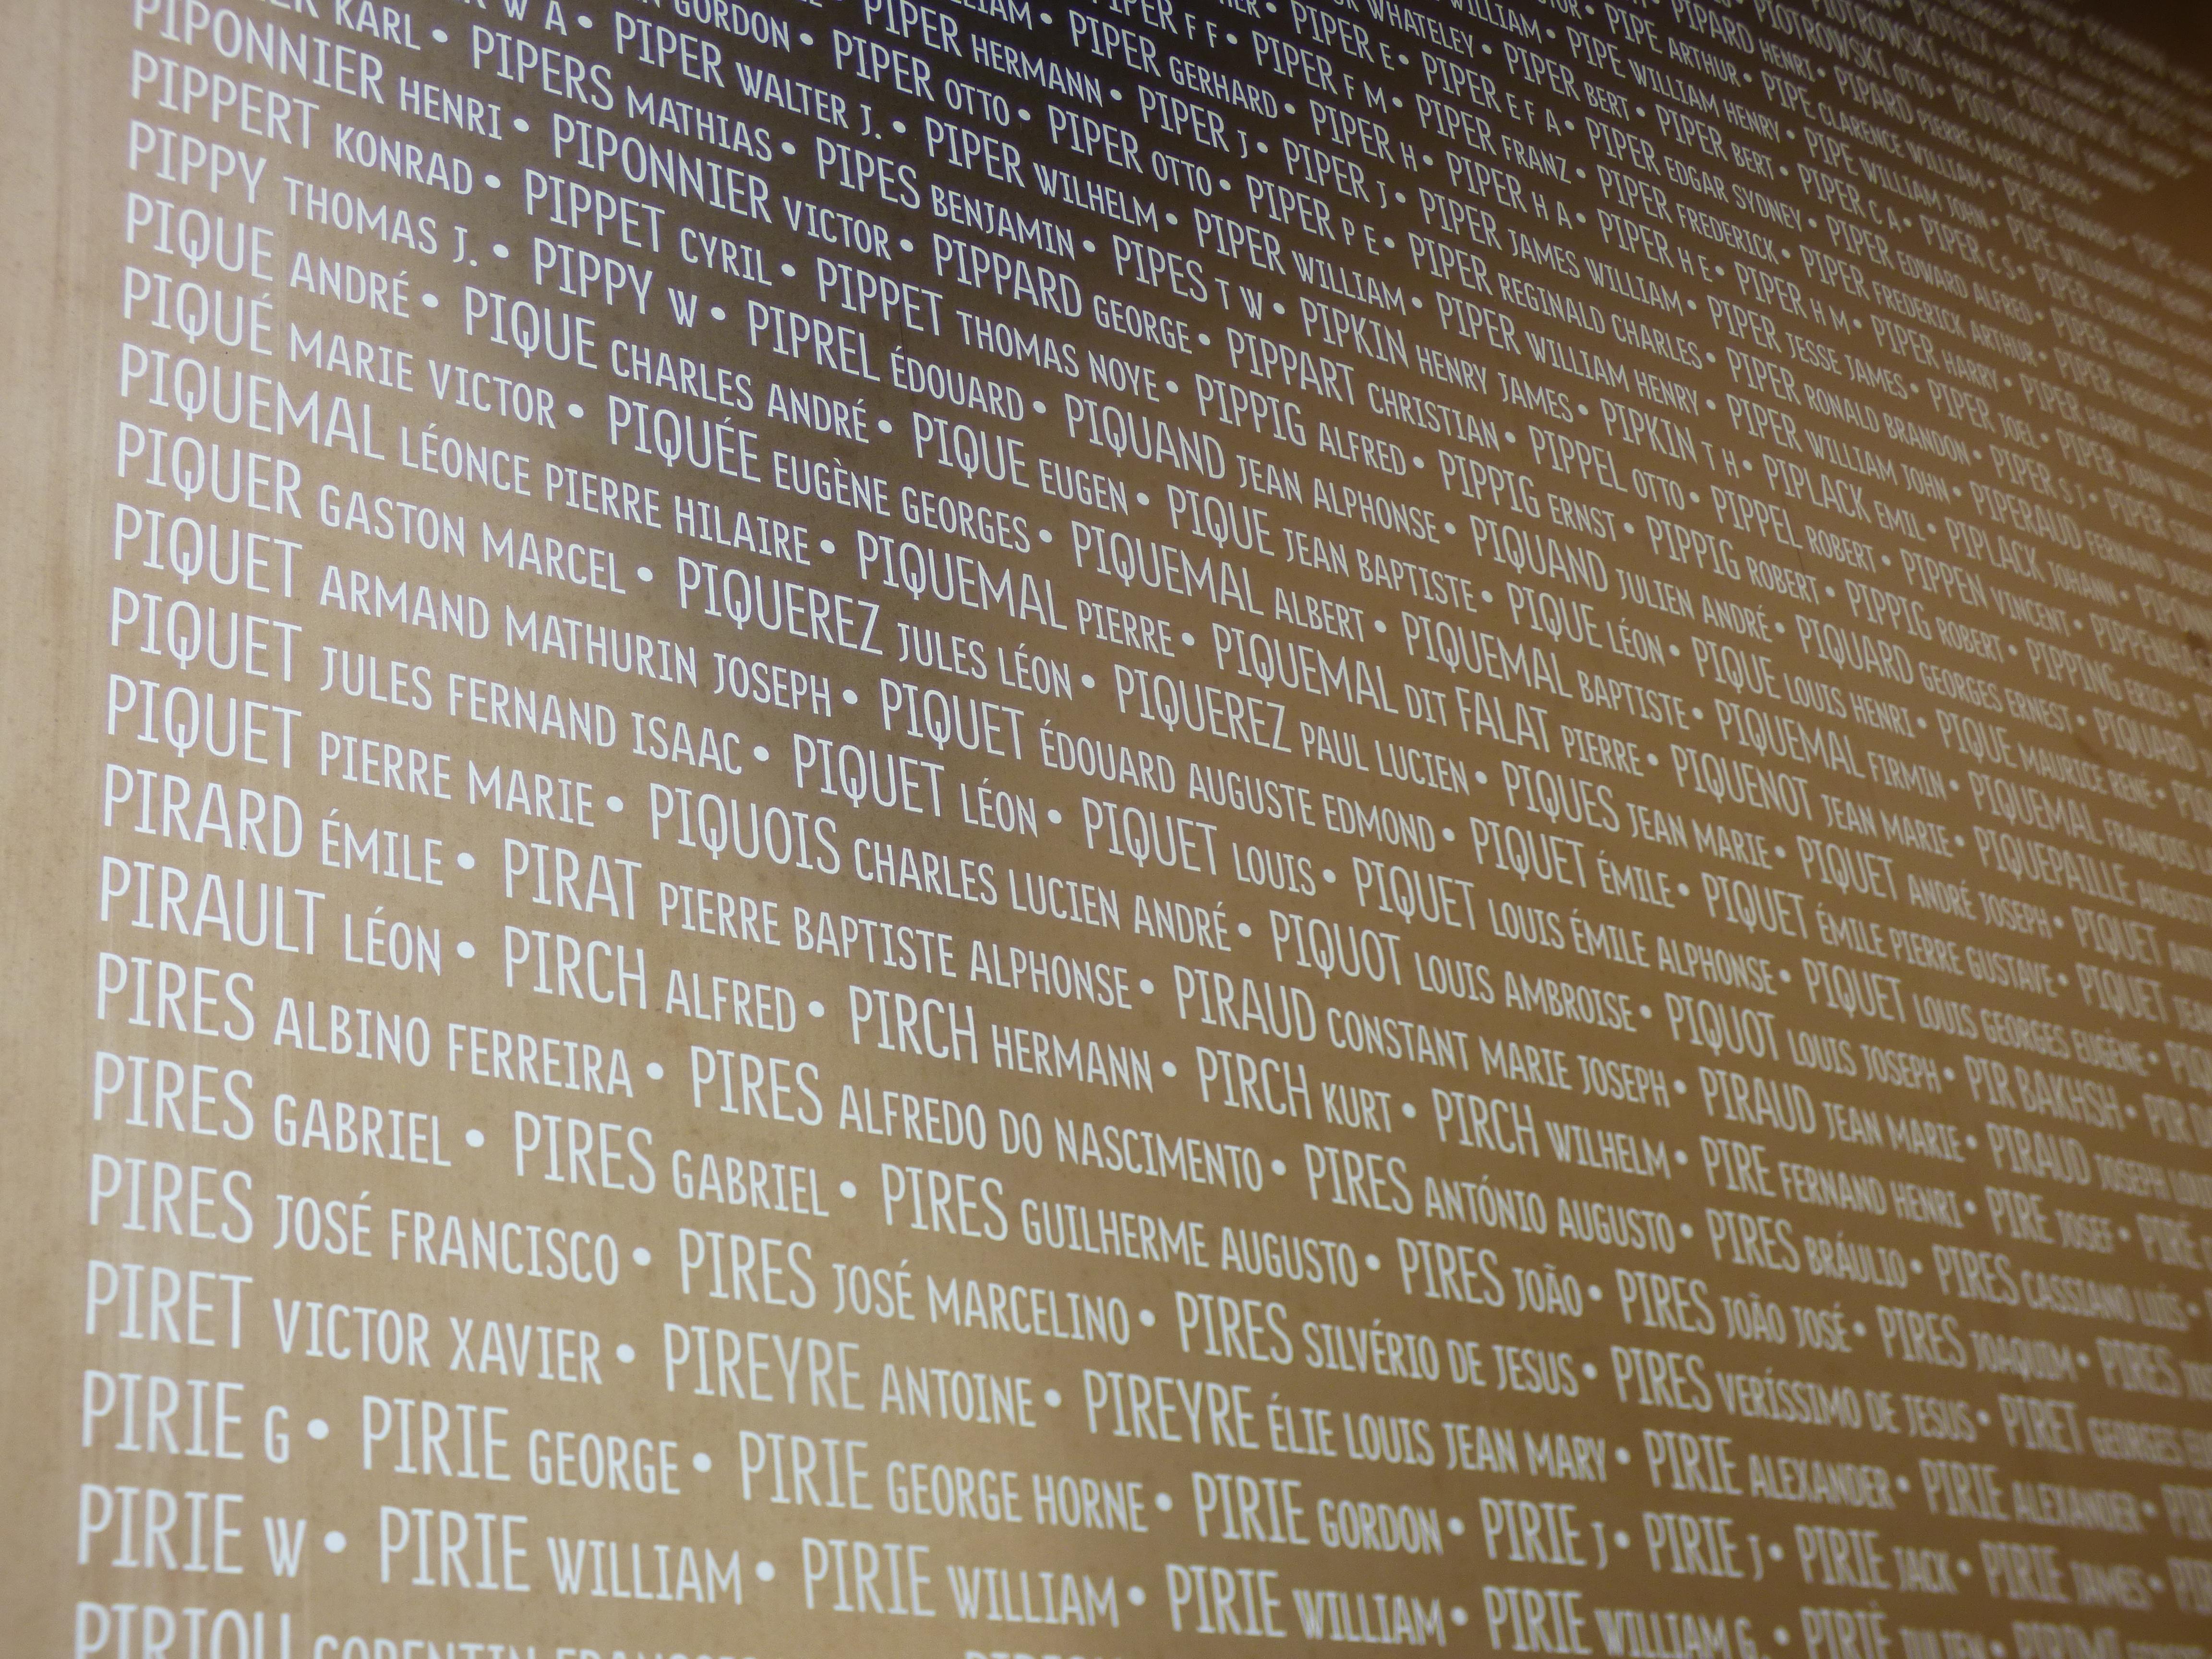 580 000 noms inscrits sur le monument